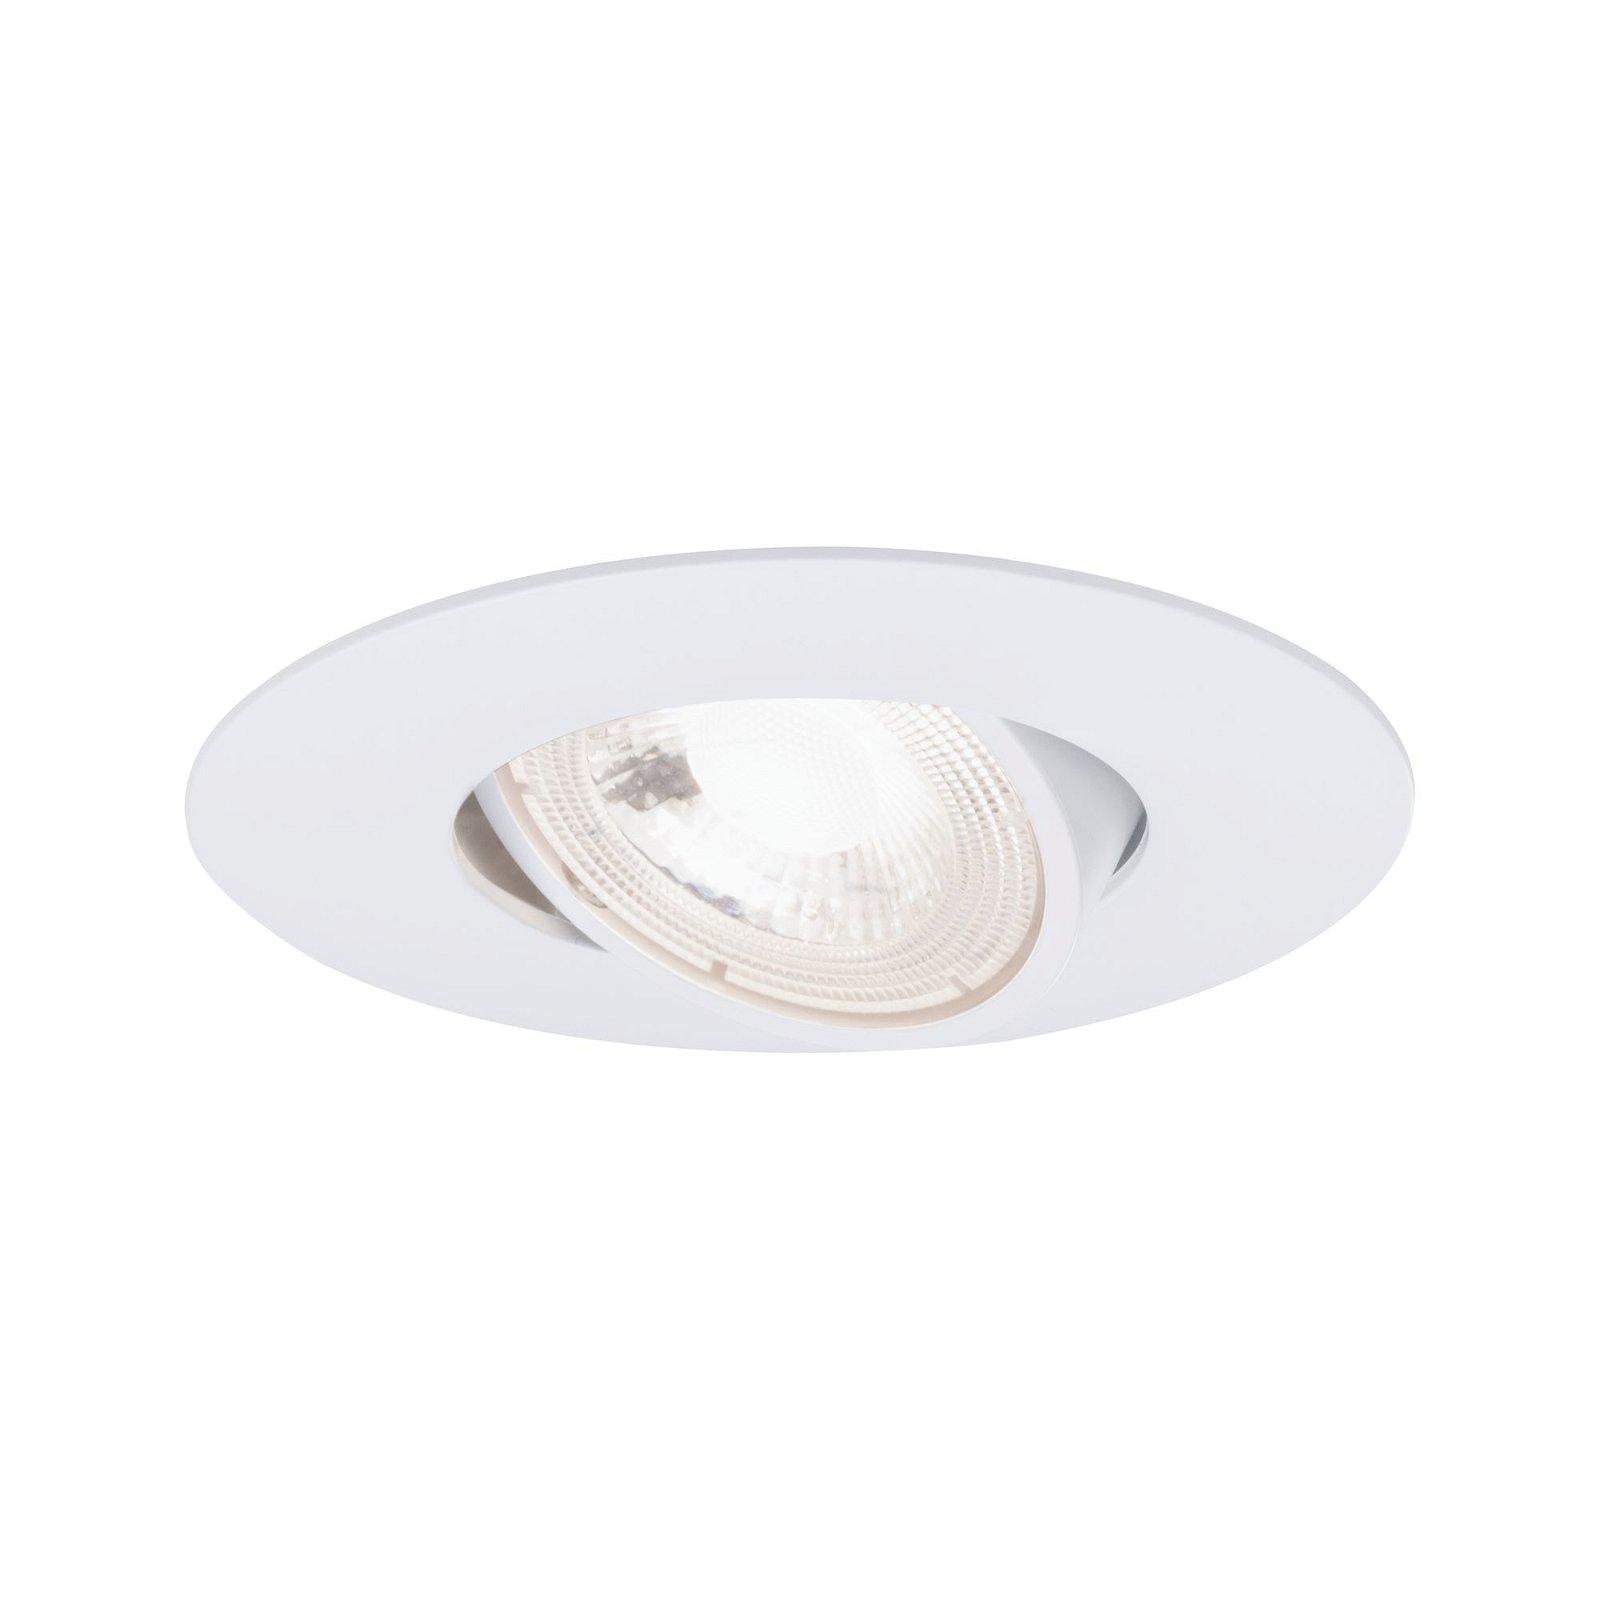 LED Einbauleuchte 3er-Set schwenkbar rund 90mm 50° 3x5W 3x515lm 230V 3000K Weiß